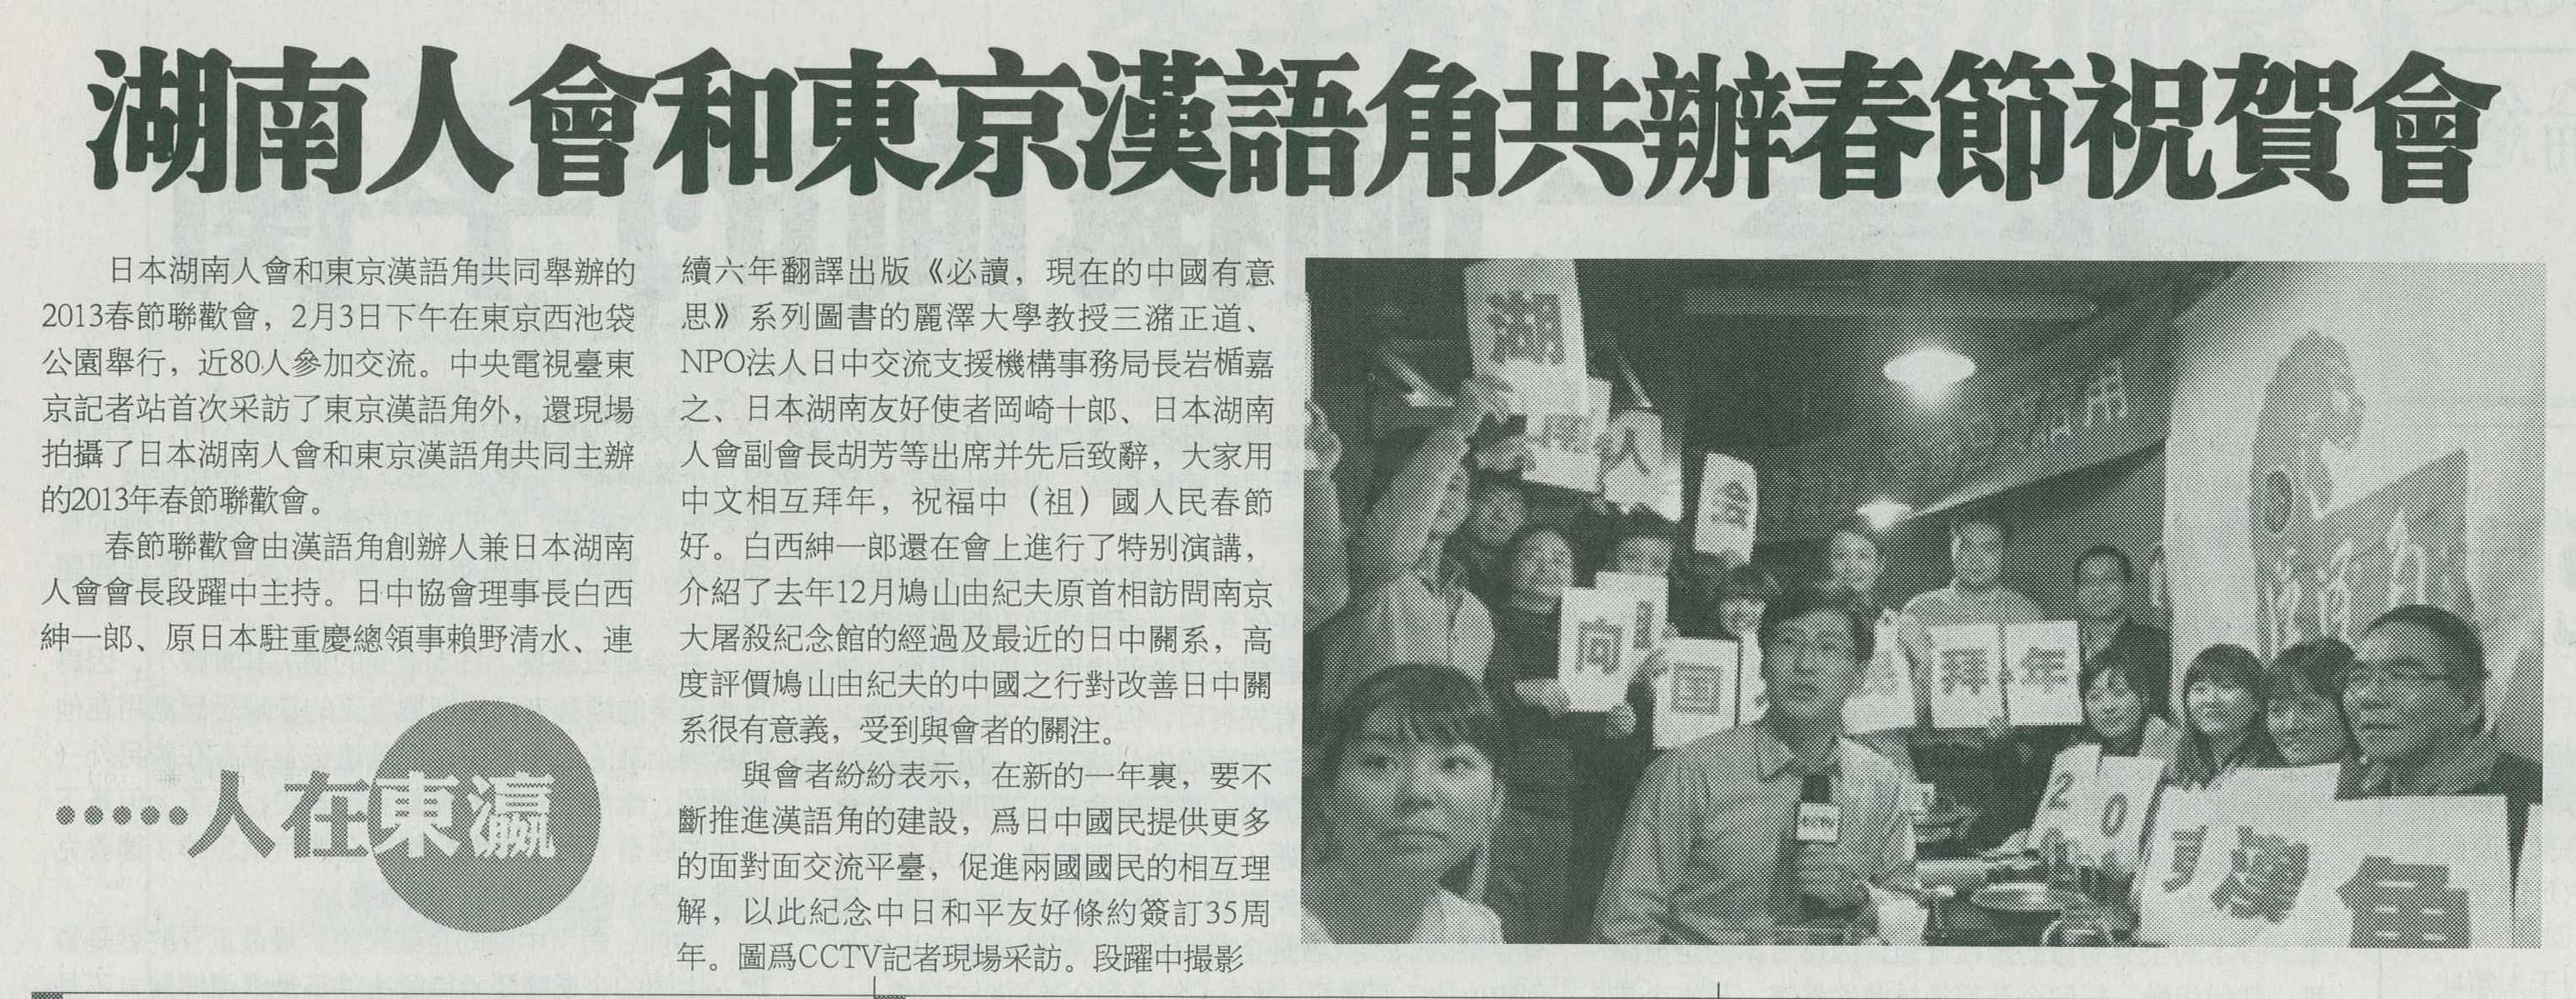 日本湖南人会和东京汉语角共办春节祝贺会 《阳光导报》报道_d0027795_14424166.jpg